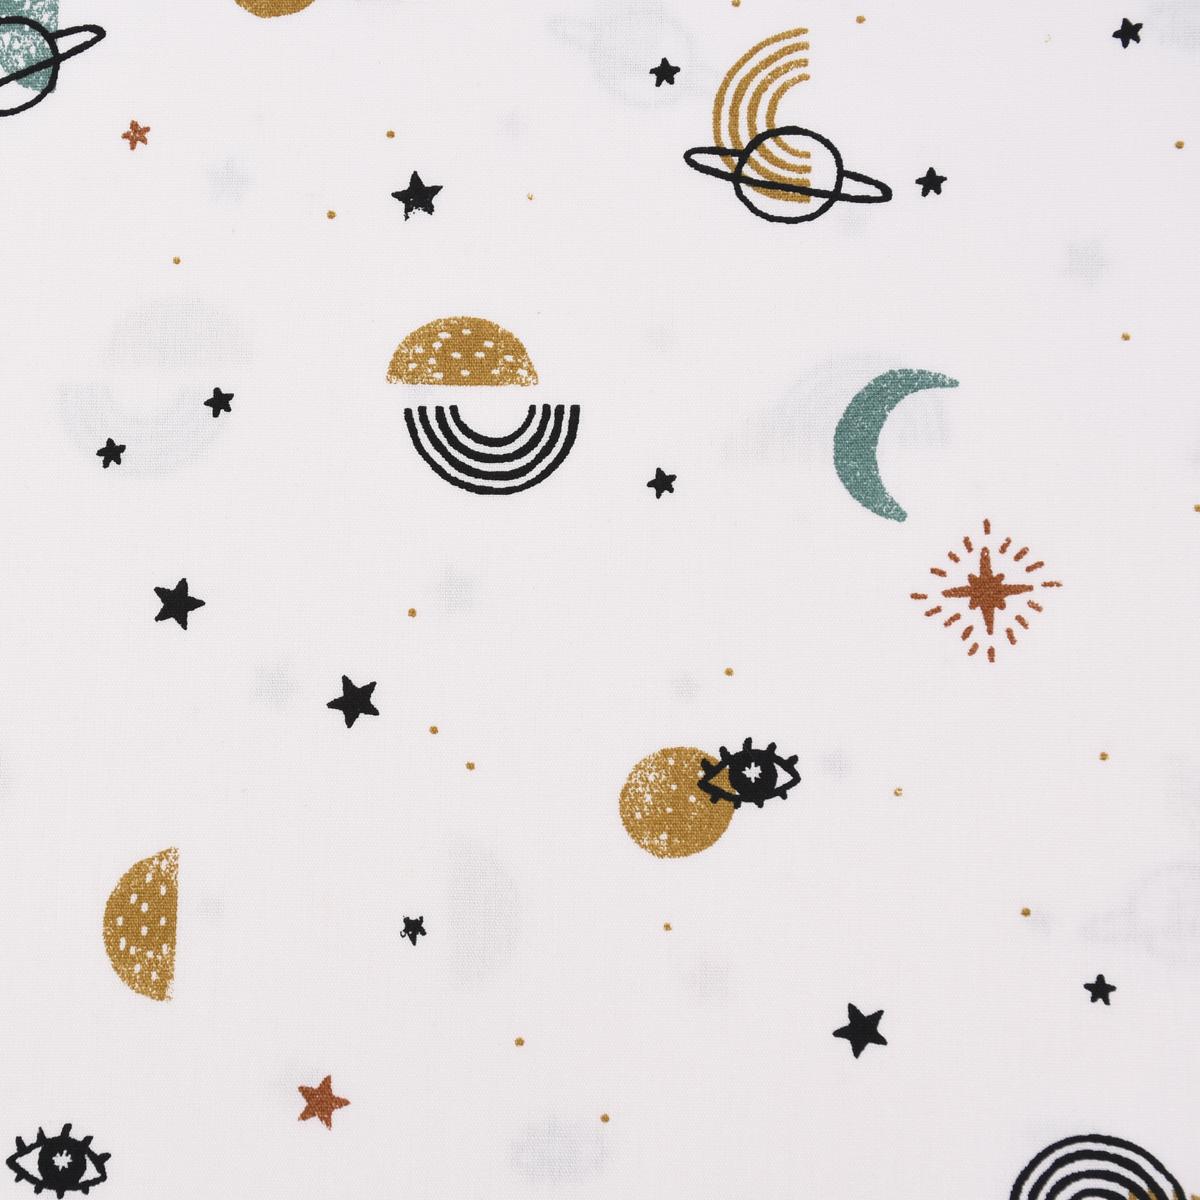 Baumwollstoff GOTS Bio Popeline GALAXY Monde Sterne Planeten weiß schwarz türkis 1,45m Breite